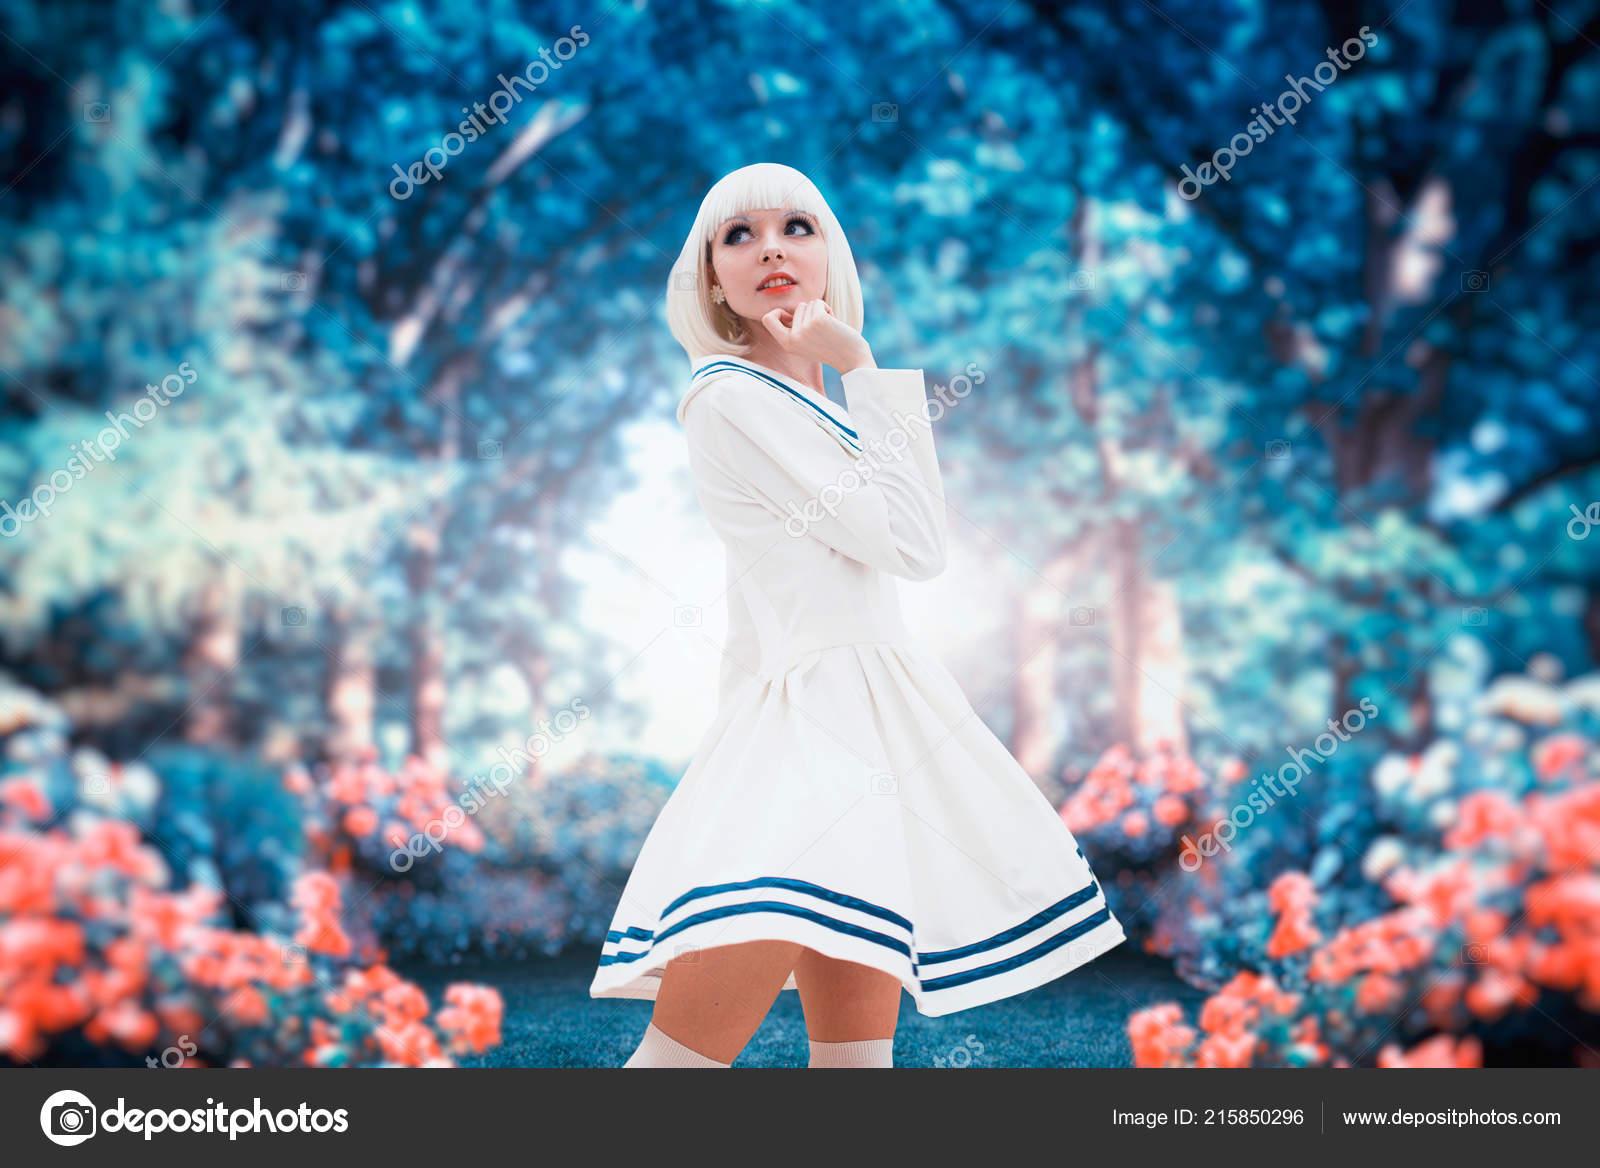 c95c4b0f673c Atraktivní Anime Stylu Blond Žena Makeupem Cosplay Japonská Kultura ...